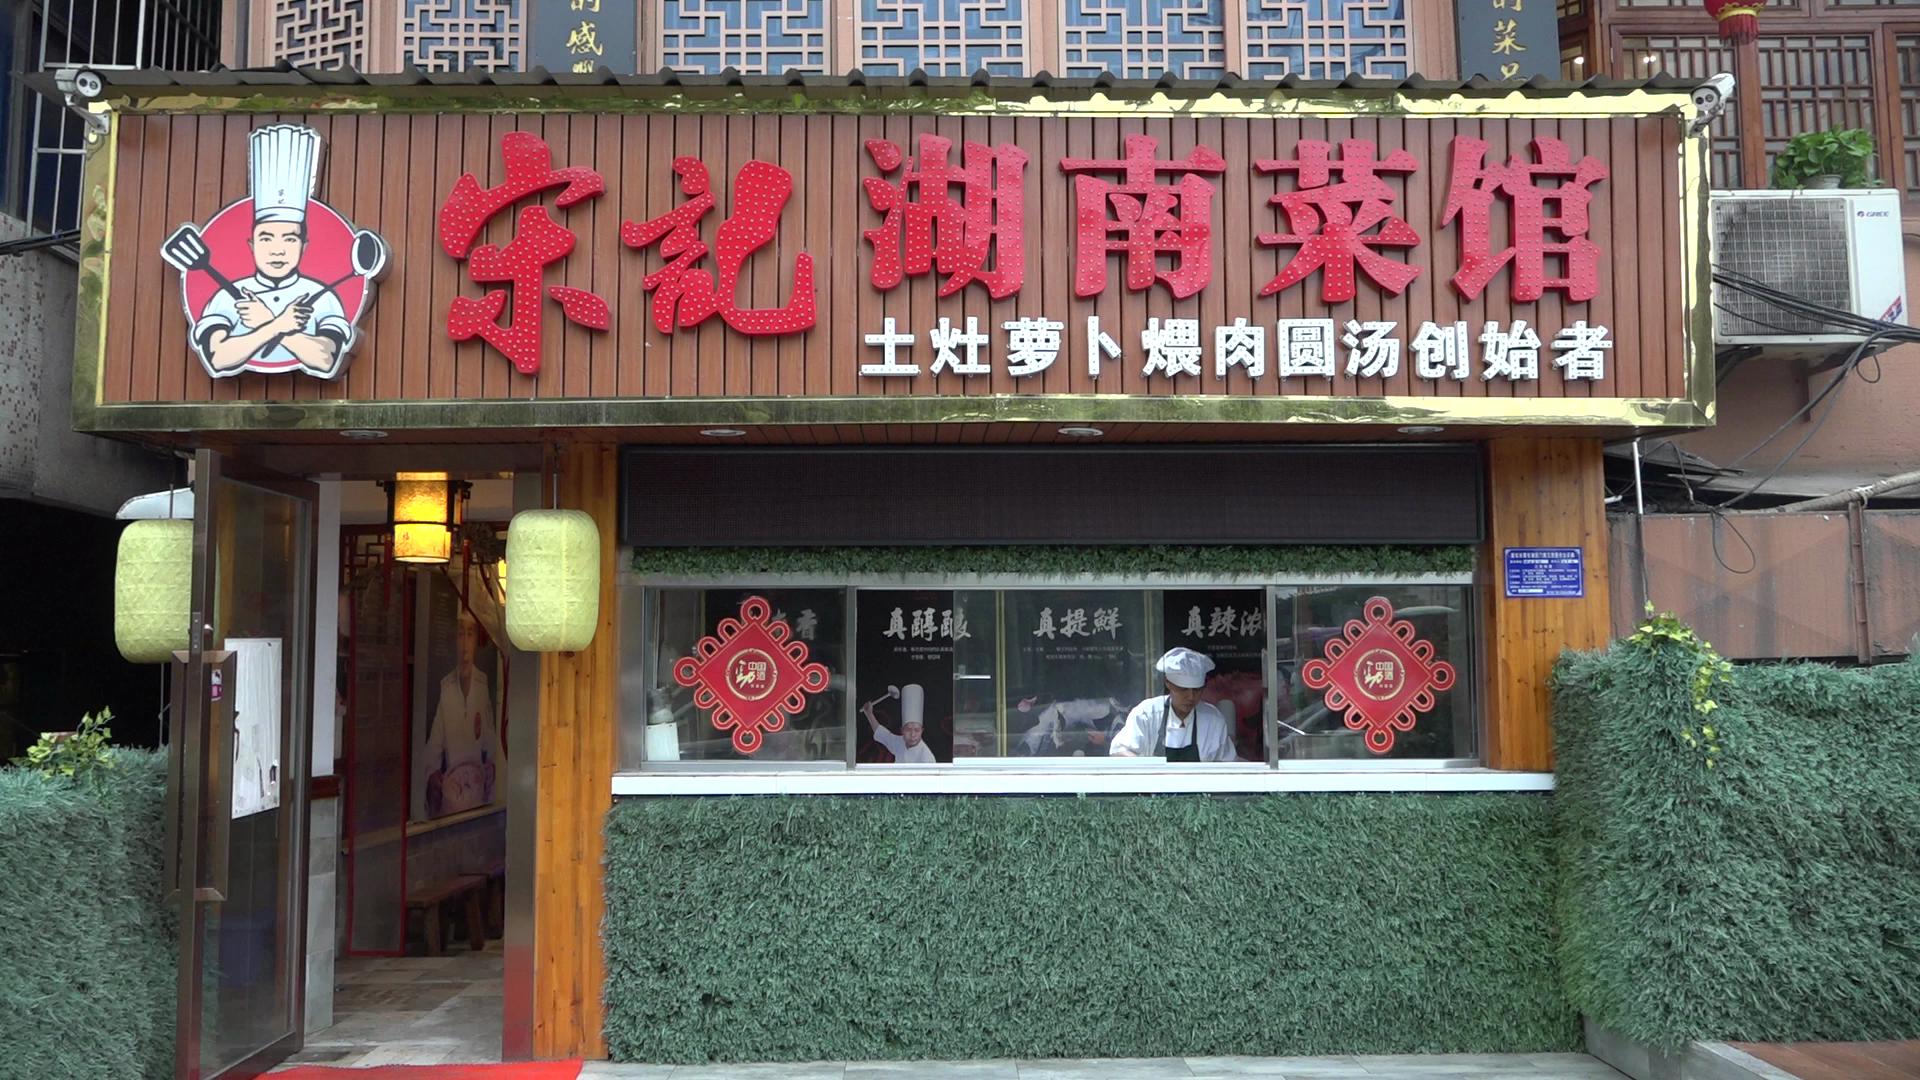 黄石同城百业联盟--宋记湖南菜馆